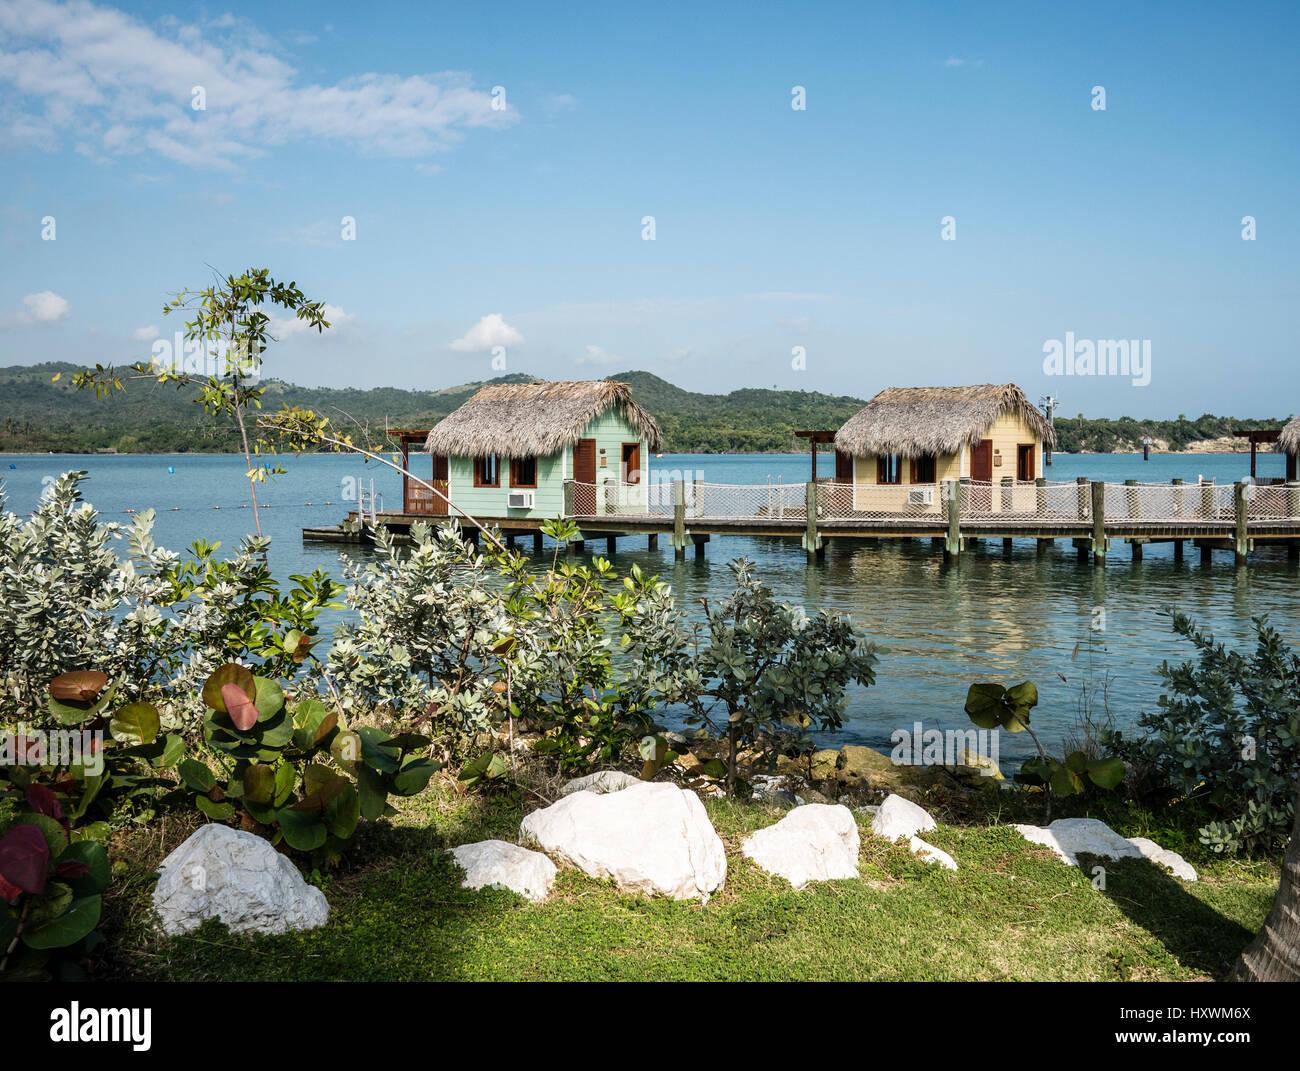 Cabañas de vacaciones en ámbar personalizados Cove Resort de crucero en el Caribe, República Dominicana Imagen De Stock